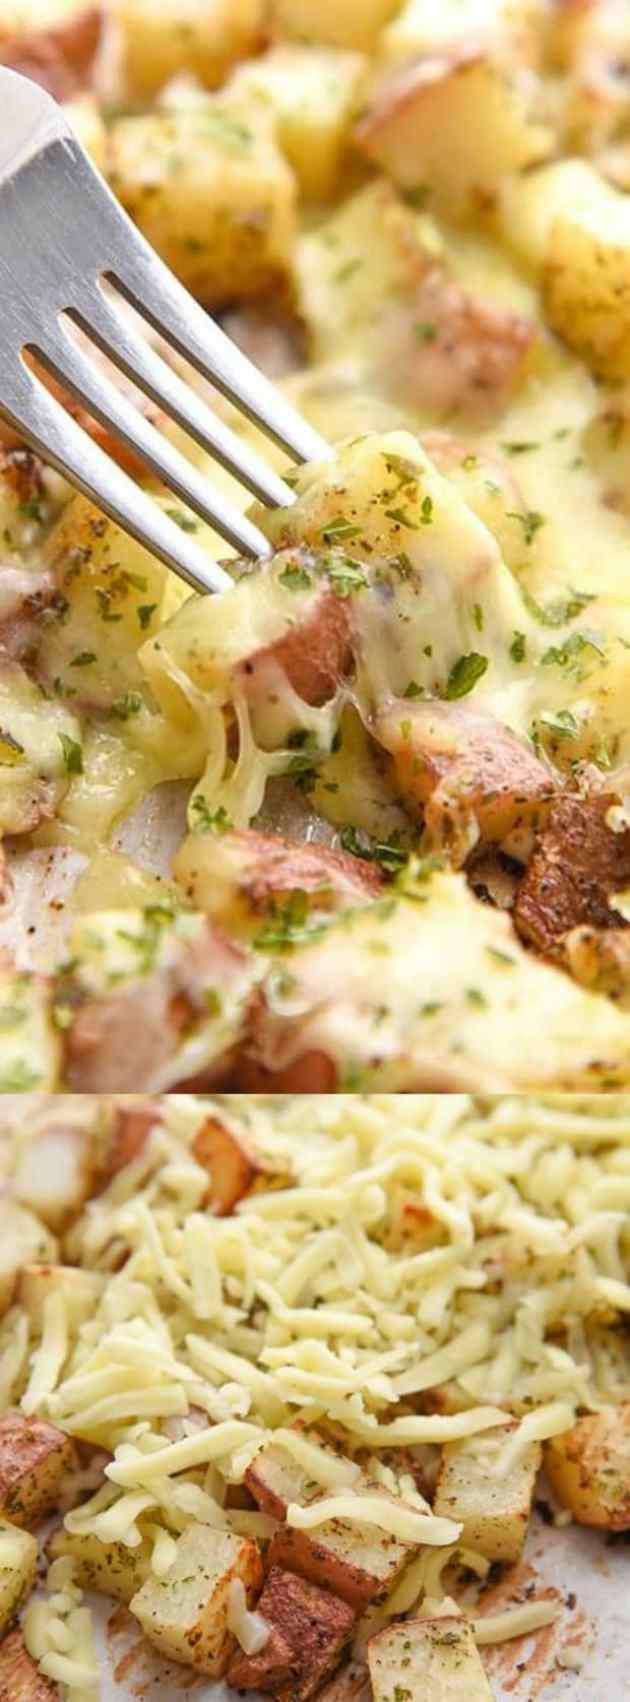 Oven baked cheesy potatoes longpin